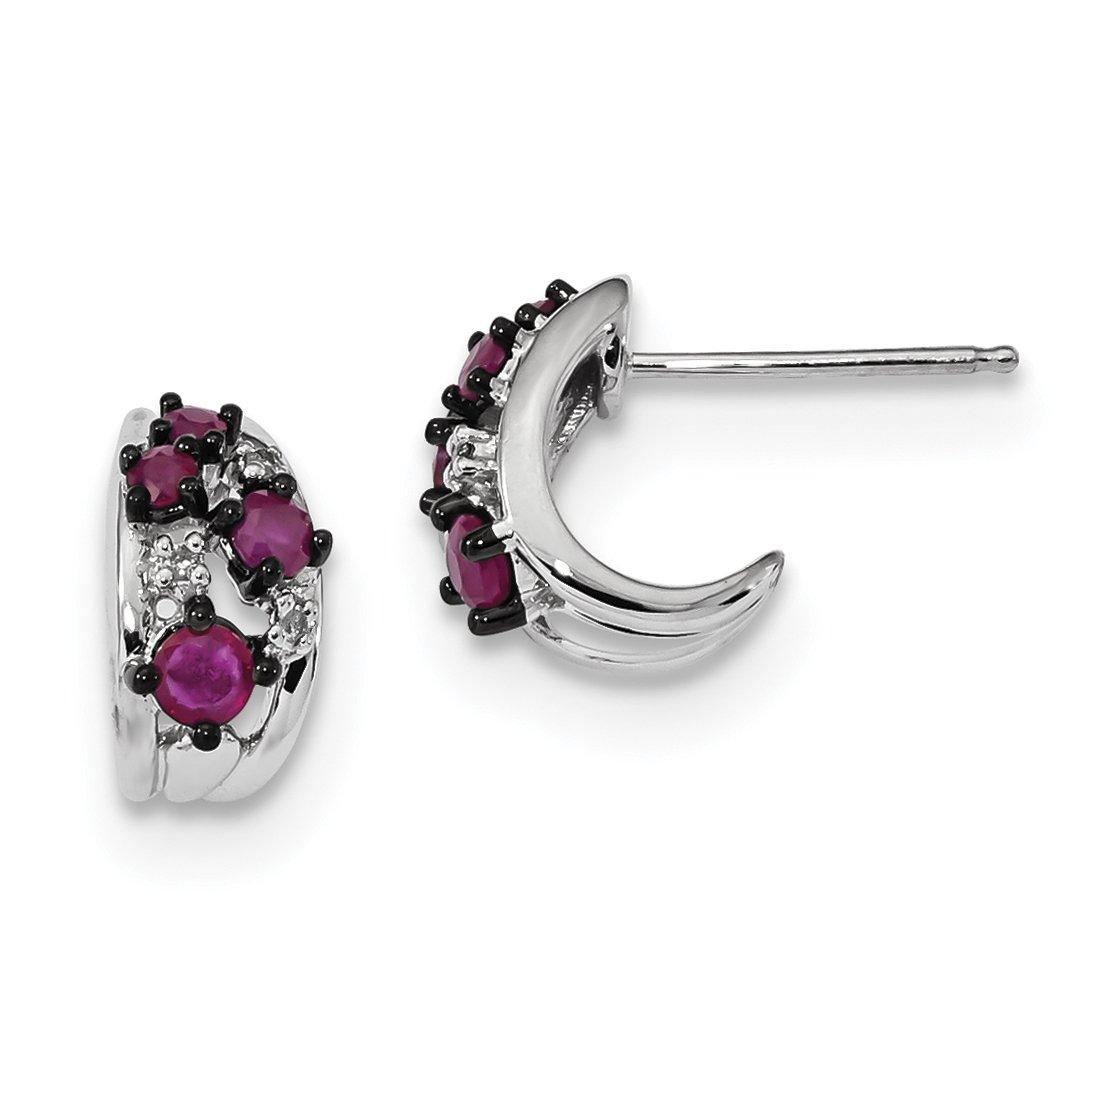 ICE CARATS 14k White Gold Diamond Red Ruby Post Stud Hoop Earrings Ear Hoops Set Drop Dangle Fine Jewelry Gift Set For Women Heart